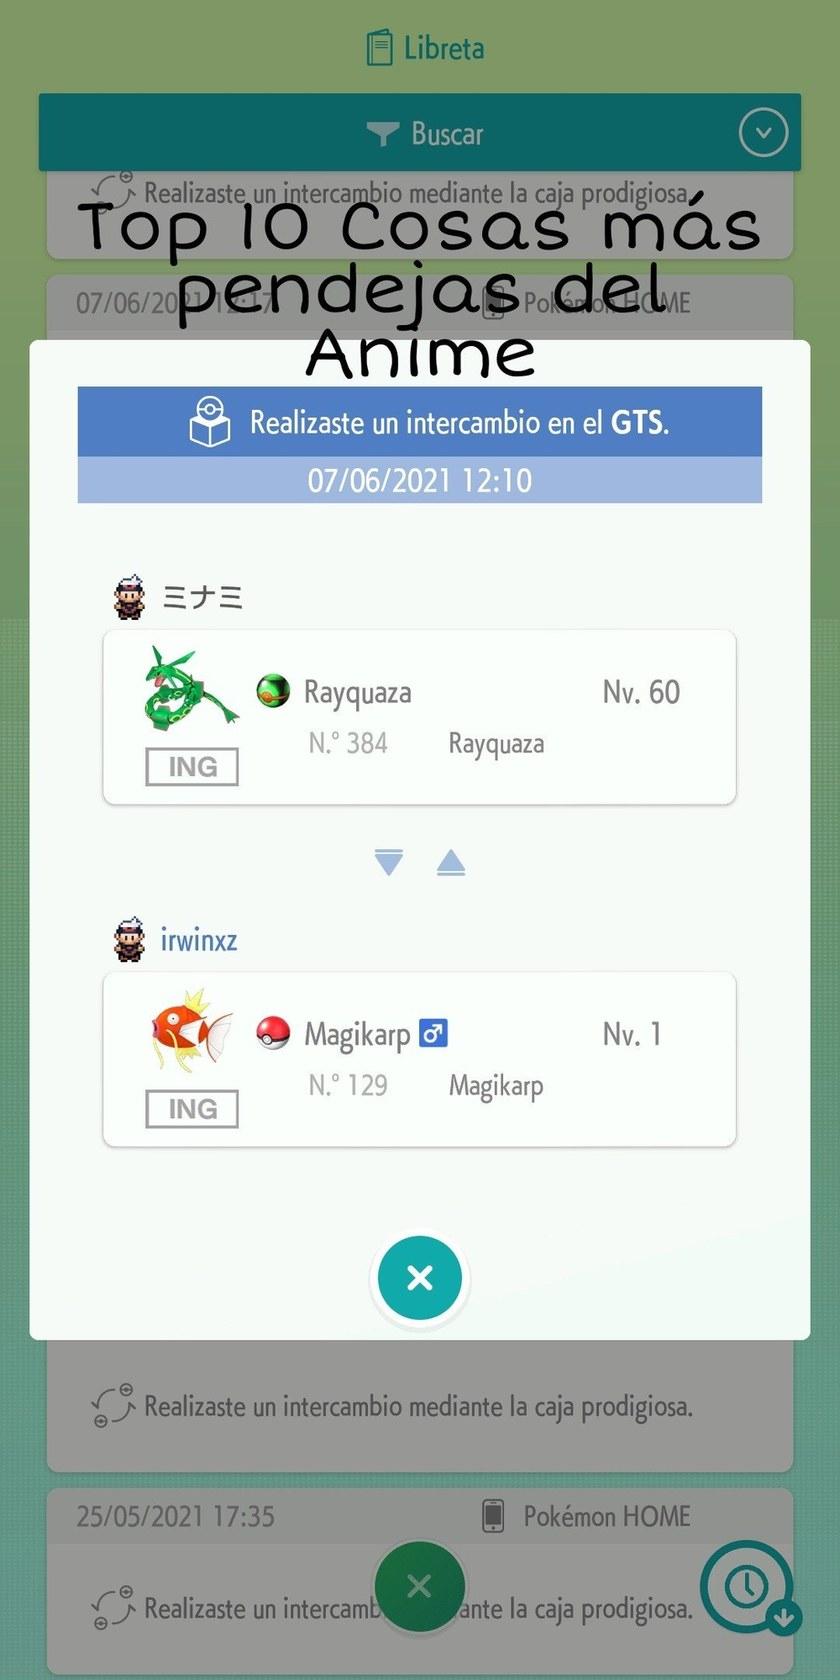 Contexto: en esta aplicación puedes enviar tus Pokémon de otros juegos y cambiarlos y reducirlos en otro juego - meme